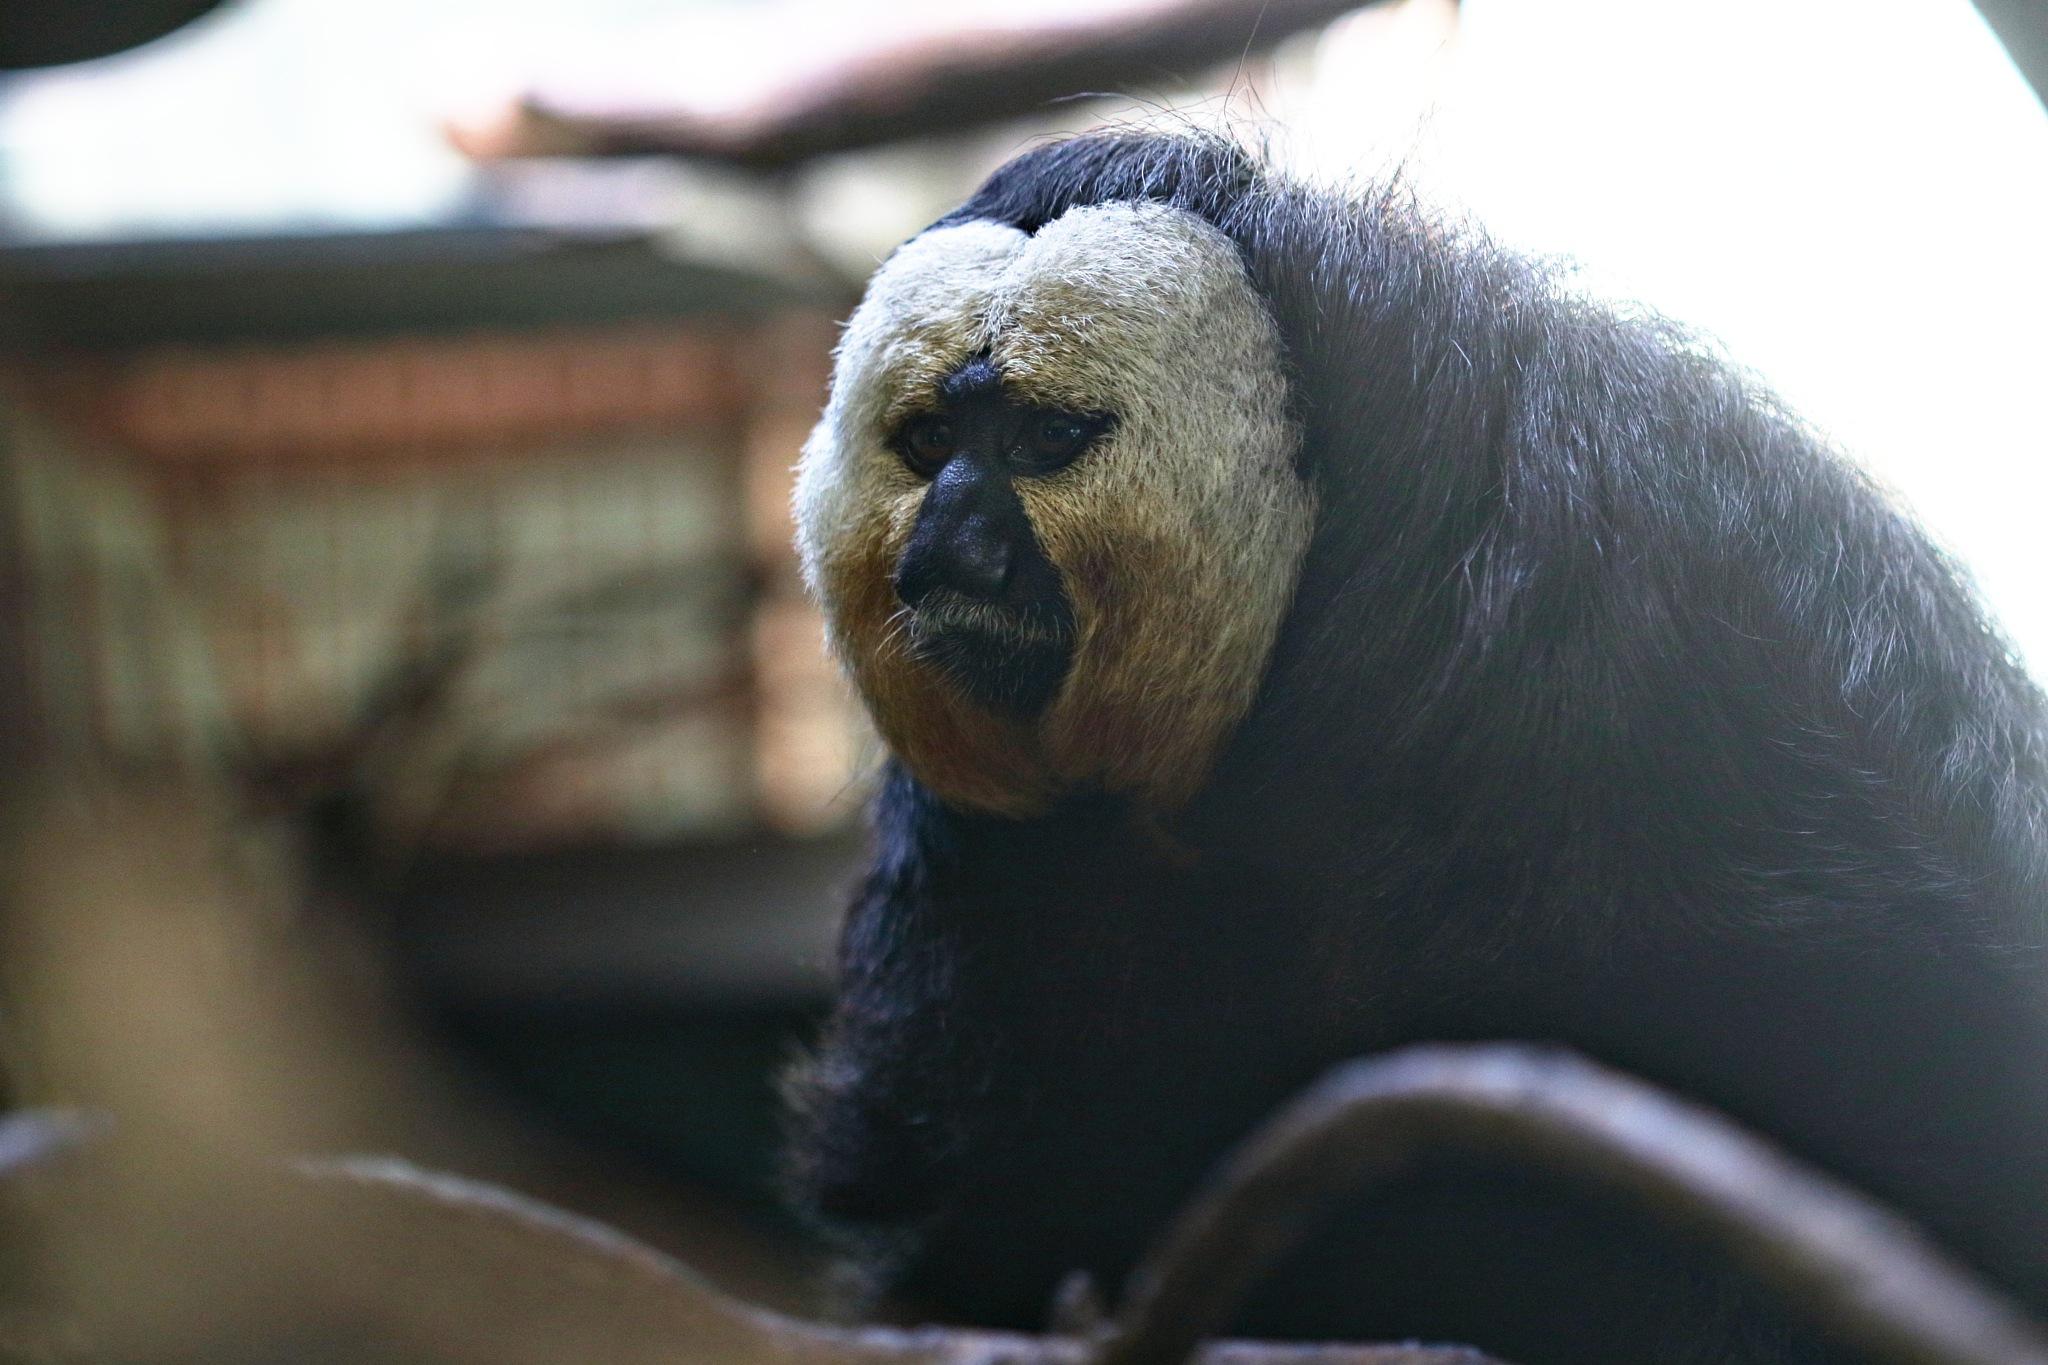 white faced saki monkey by Rich66